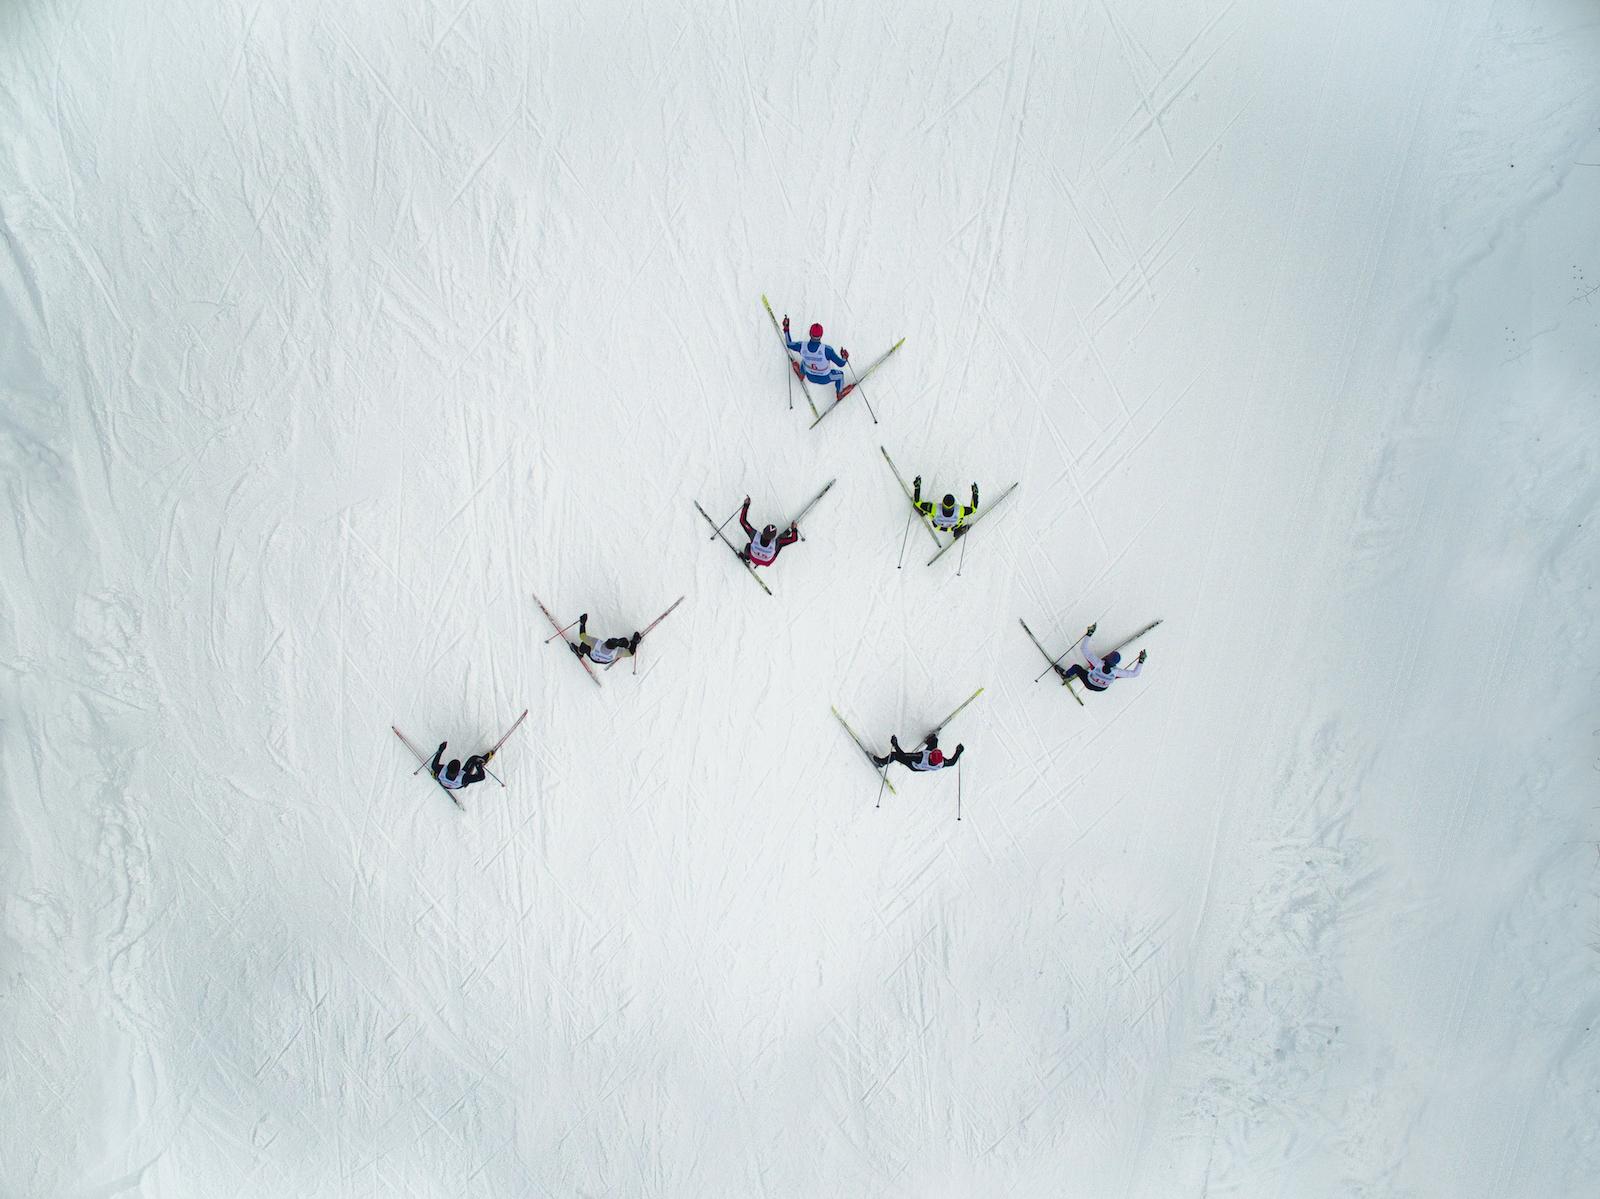 En iyi 19 drone fotoğrafı 8